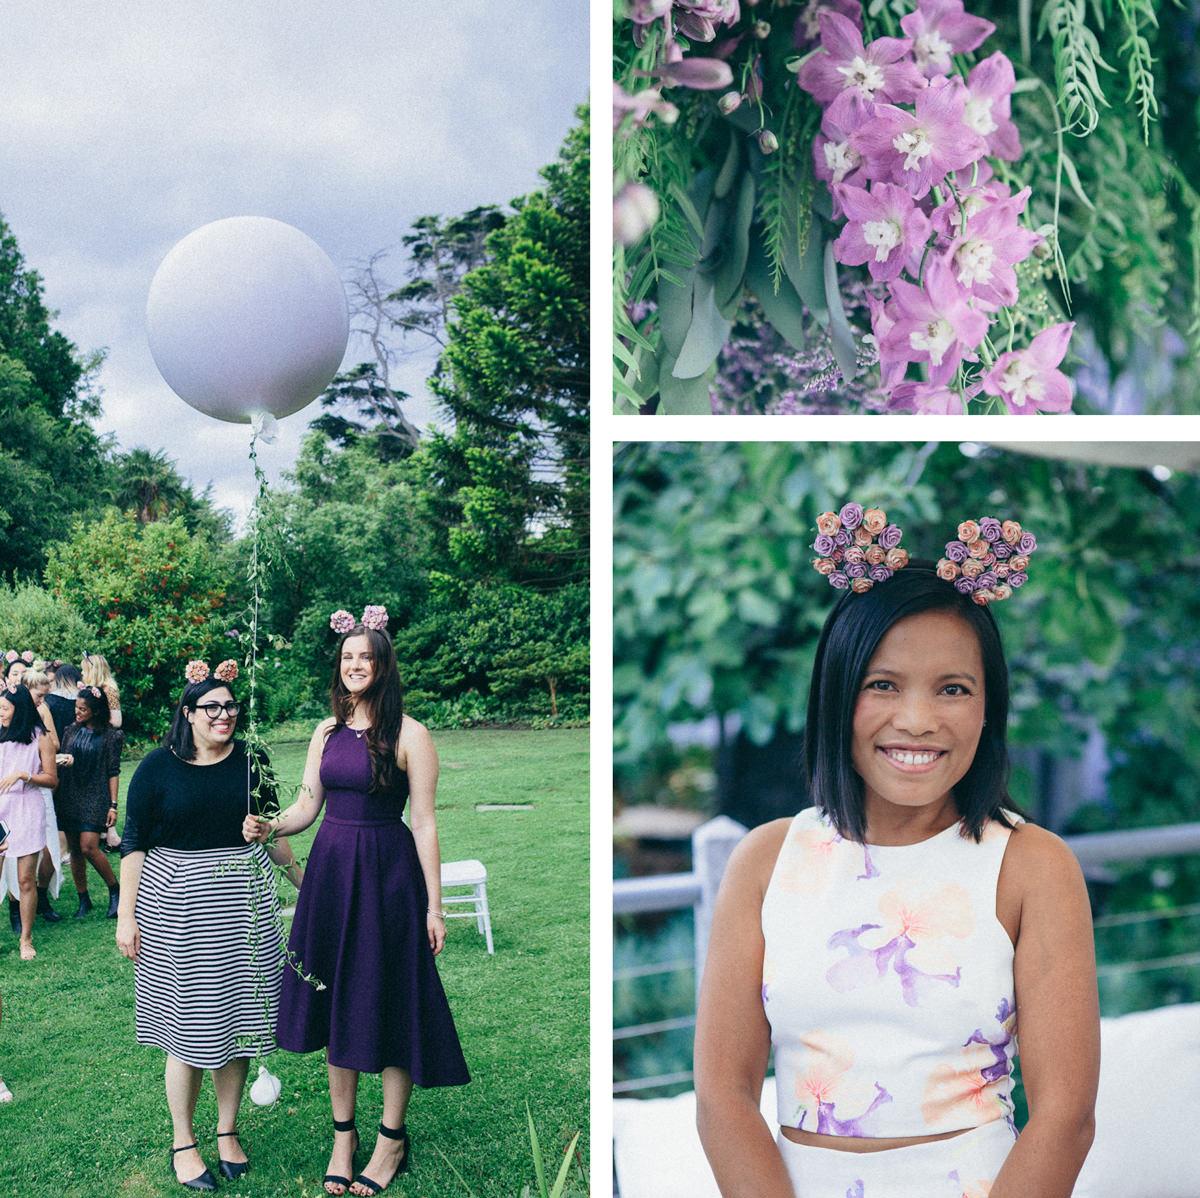 garden pandora event melbourne